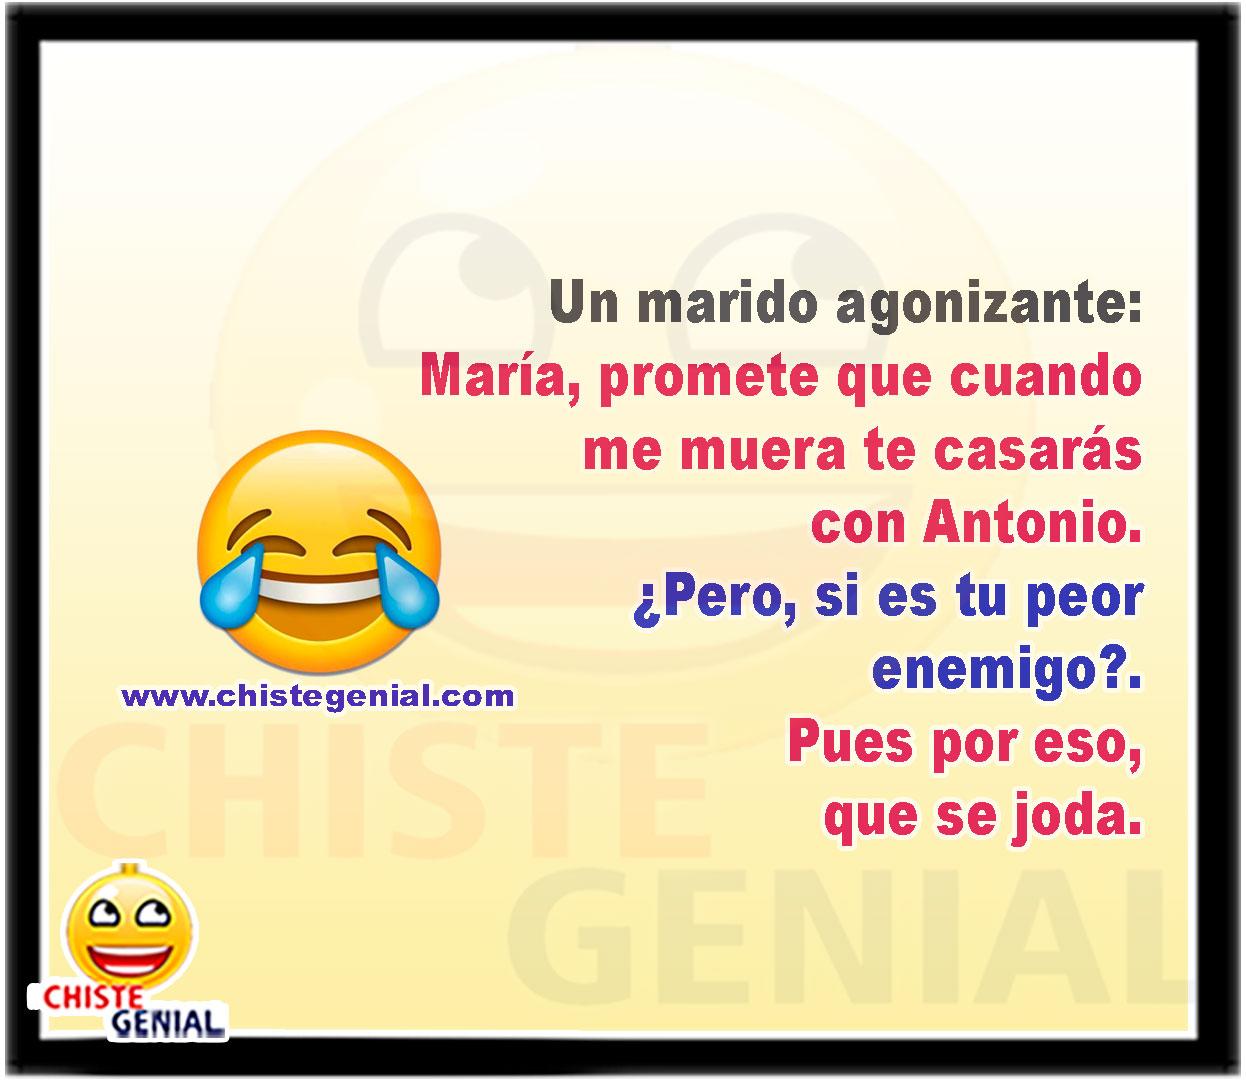 Un marido agonizante:  María, promete que cuando me muera te casarás con Antonio.  ¿Pero, si es tu peor enemigo?.  Pues por eso, que se joda.